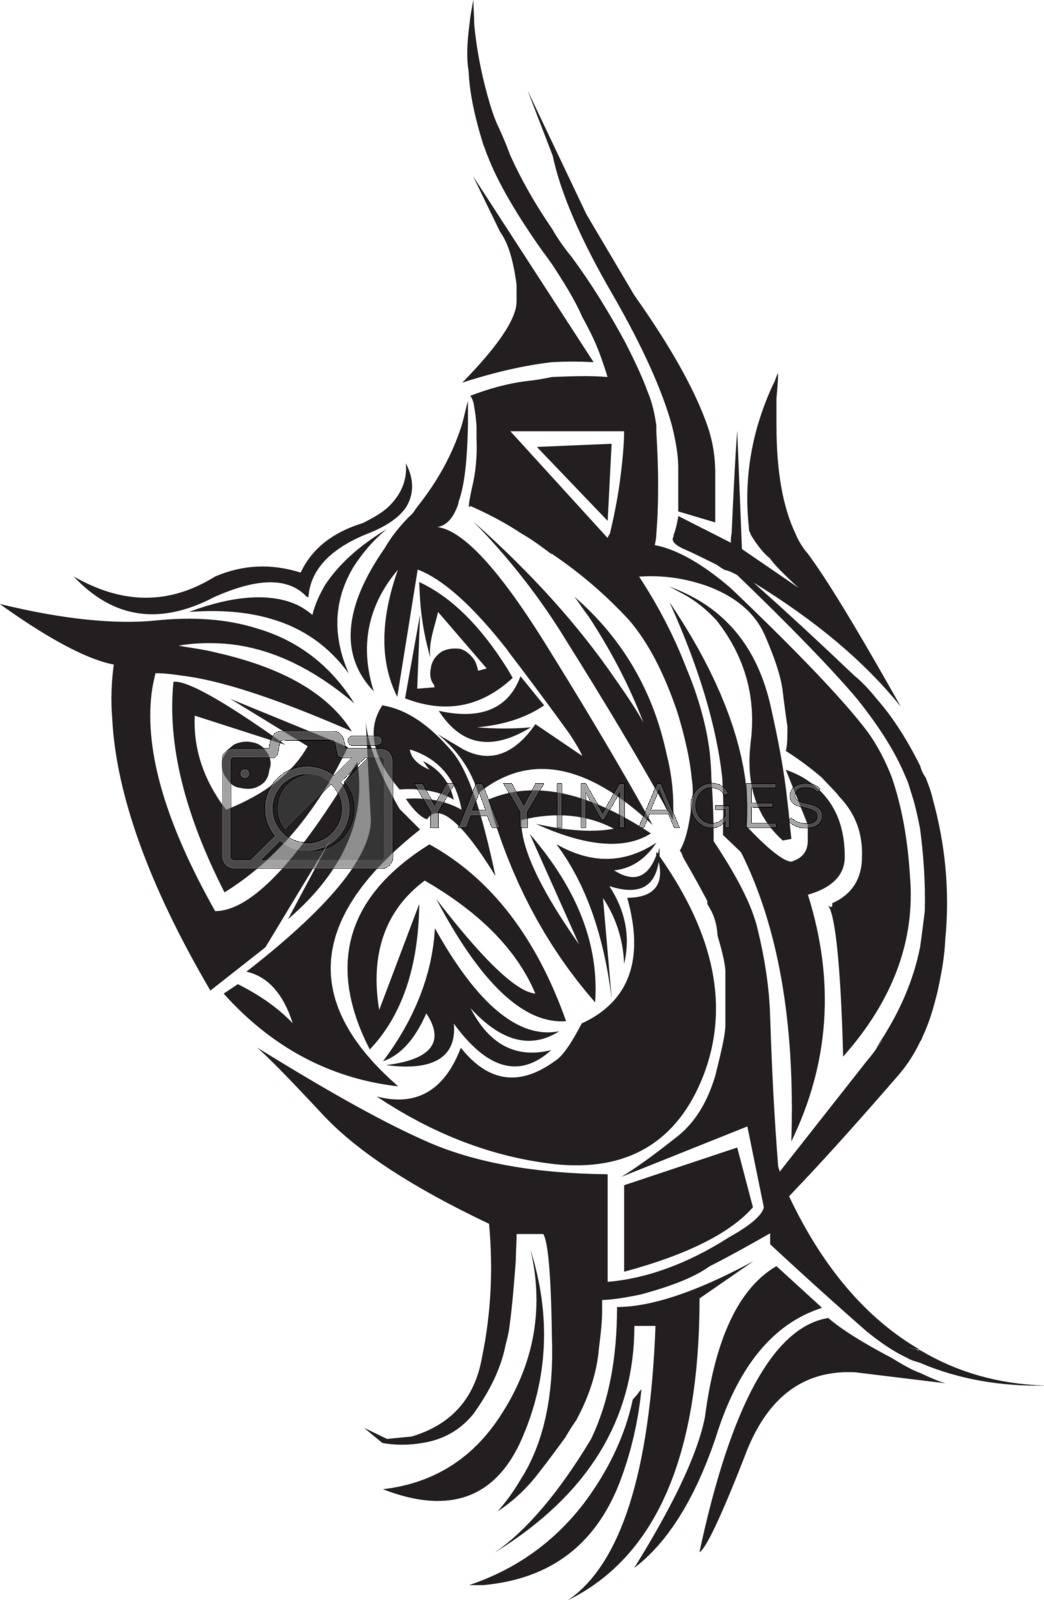 Tattoo design of owl, vintage engraved illustration.